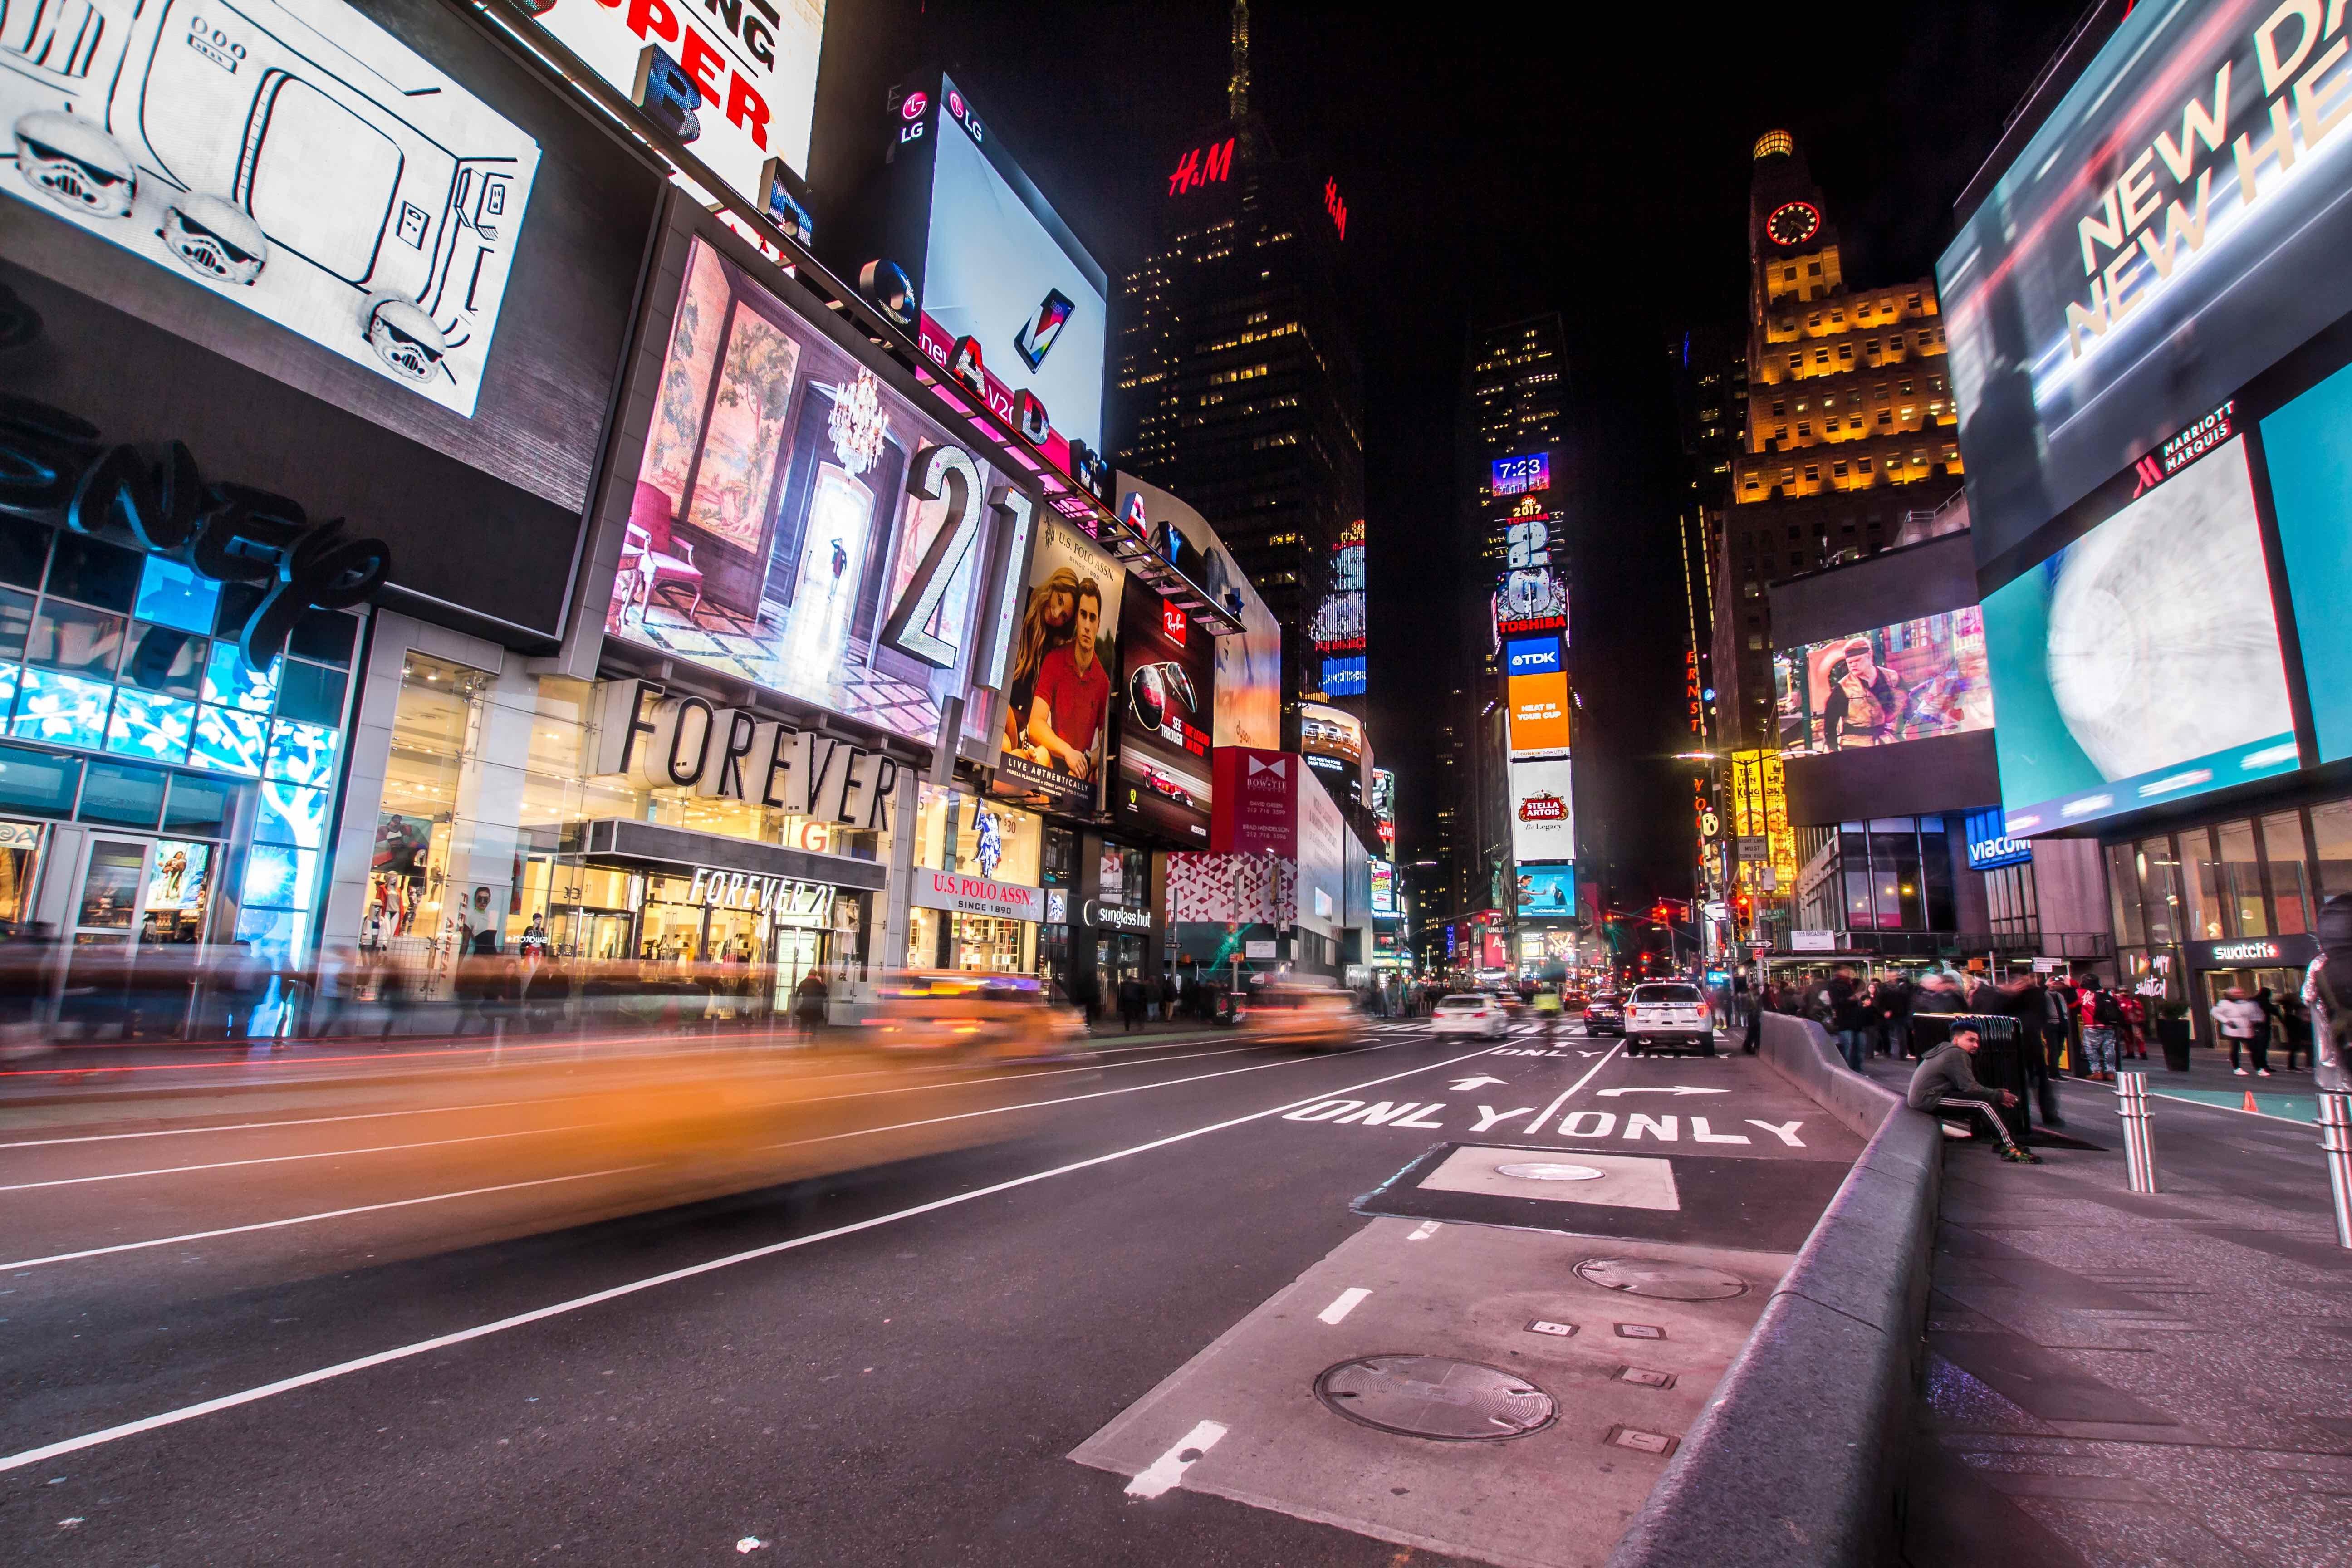 ニューヨークは数々の映画のロケ地!おすすめの作品と舞台になった場所を解説!